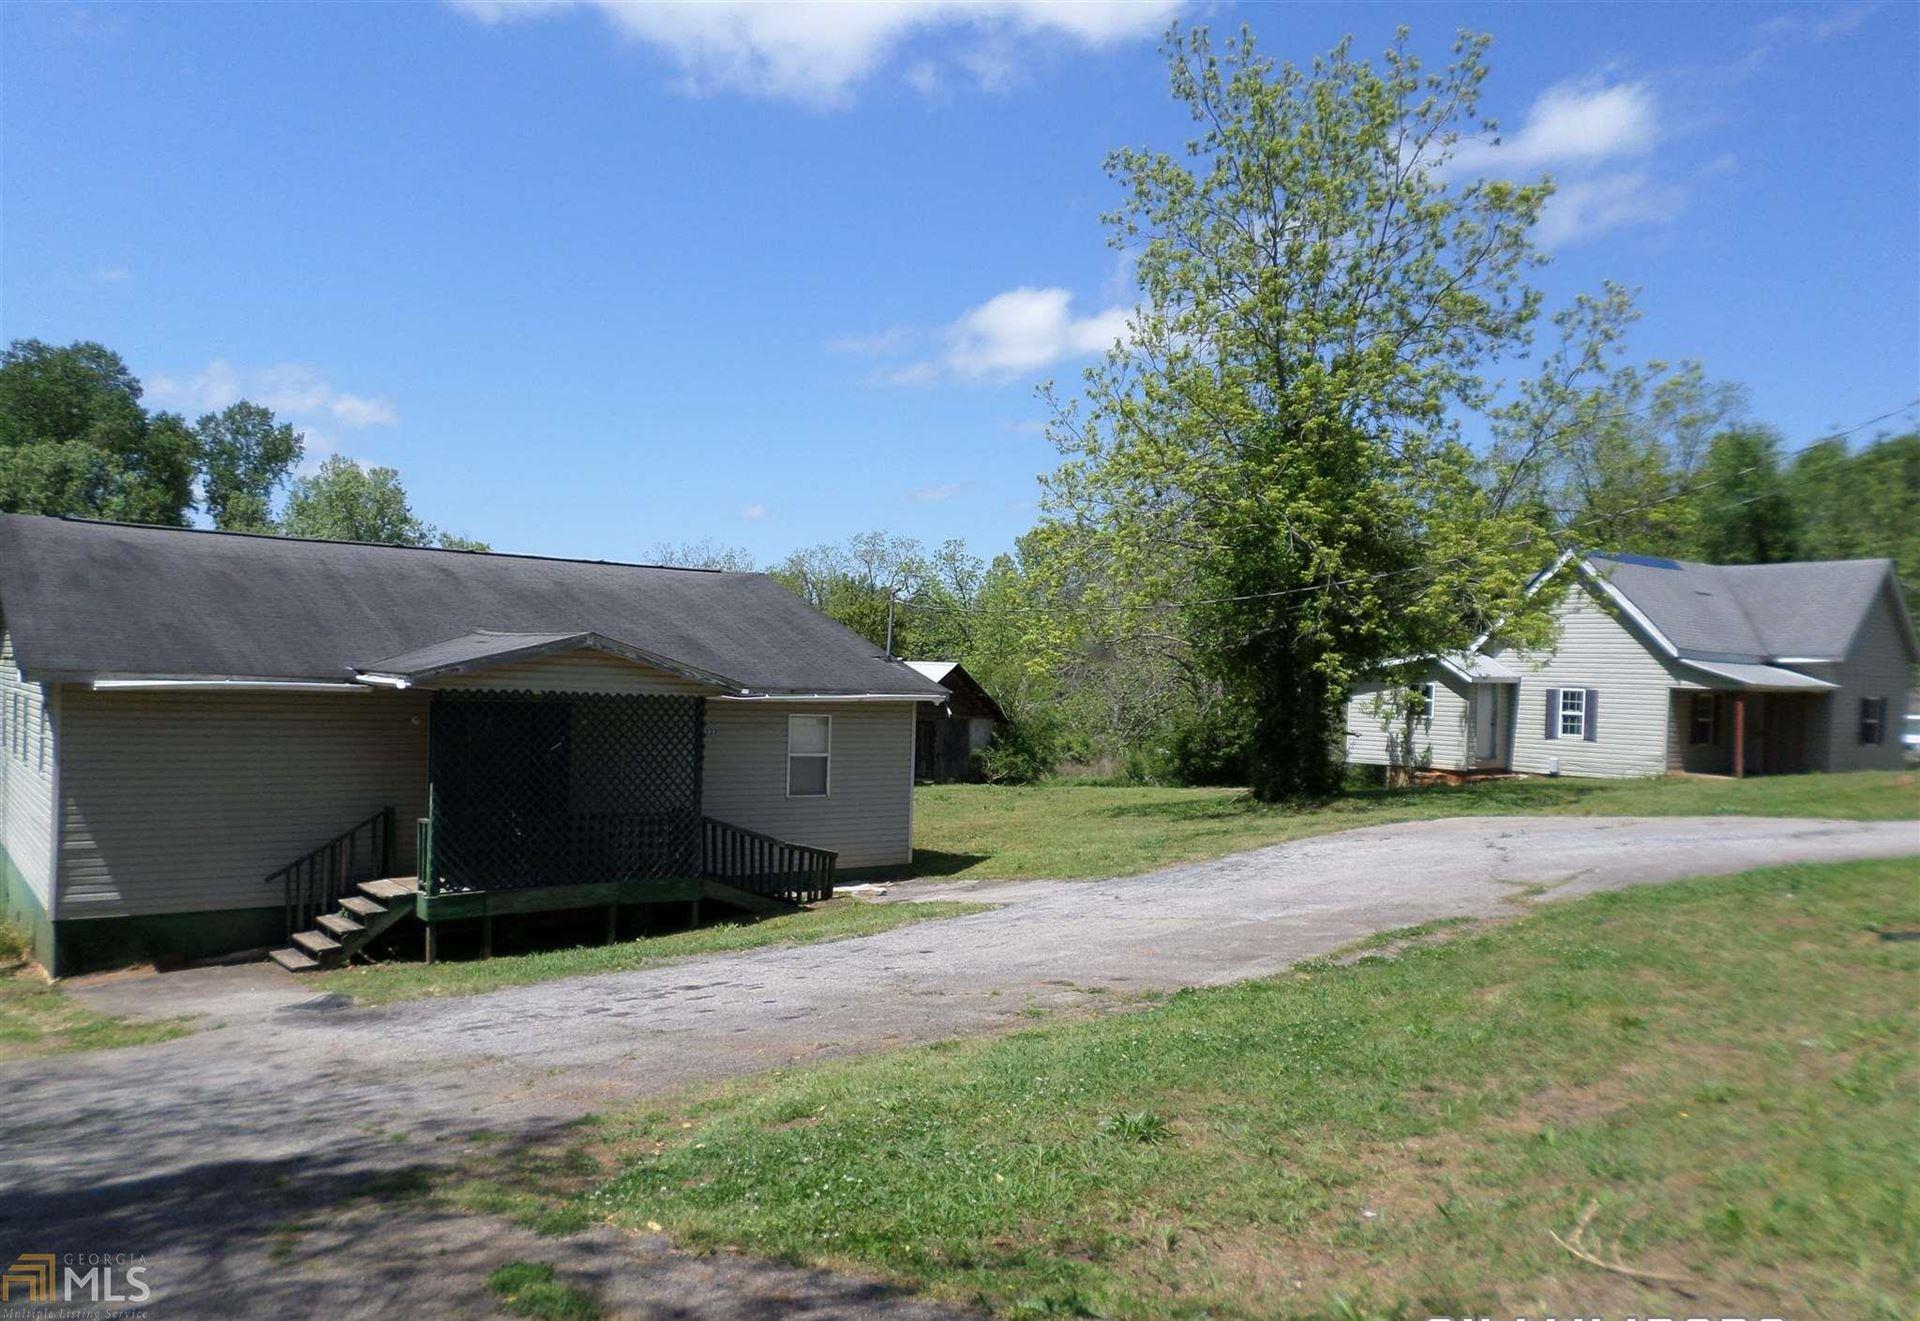 533 West Ave, Roanoke, AL 36274 - #: 8770507